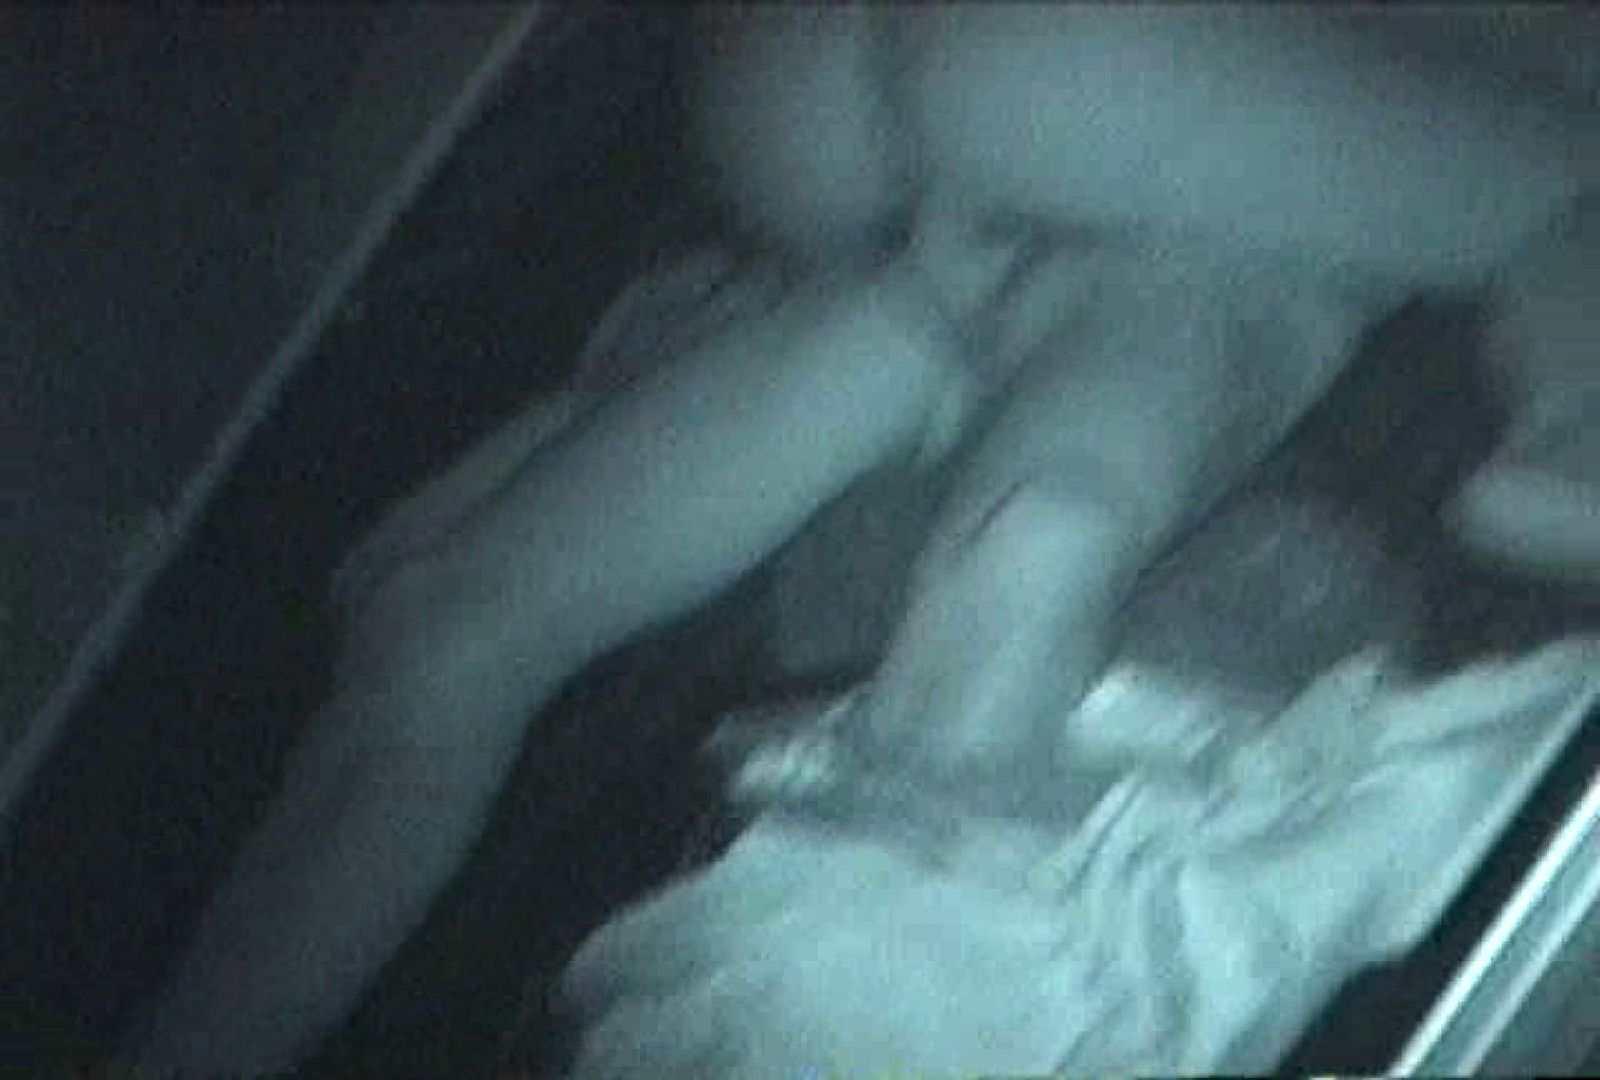 充血監督の深夜の運動会Vol.97 カップル盗撮 性交動画流出 104画像 35